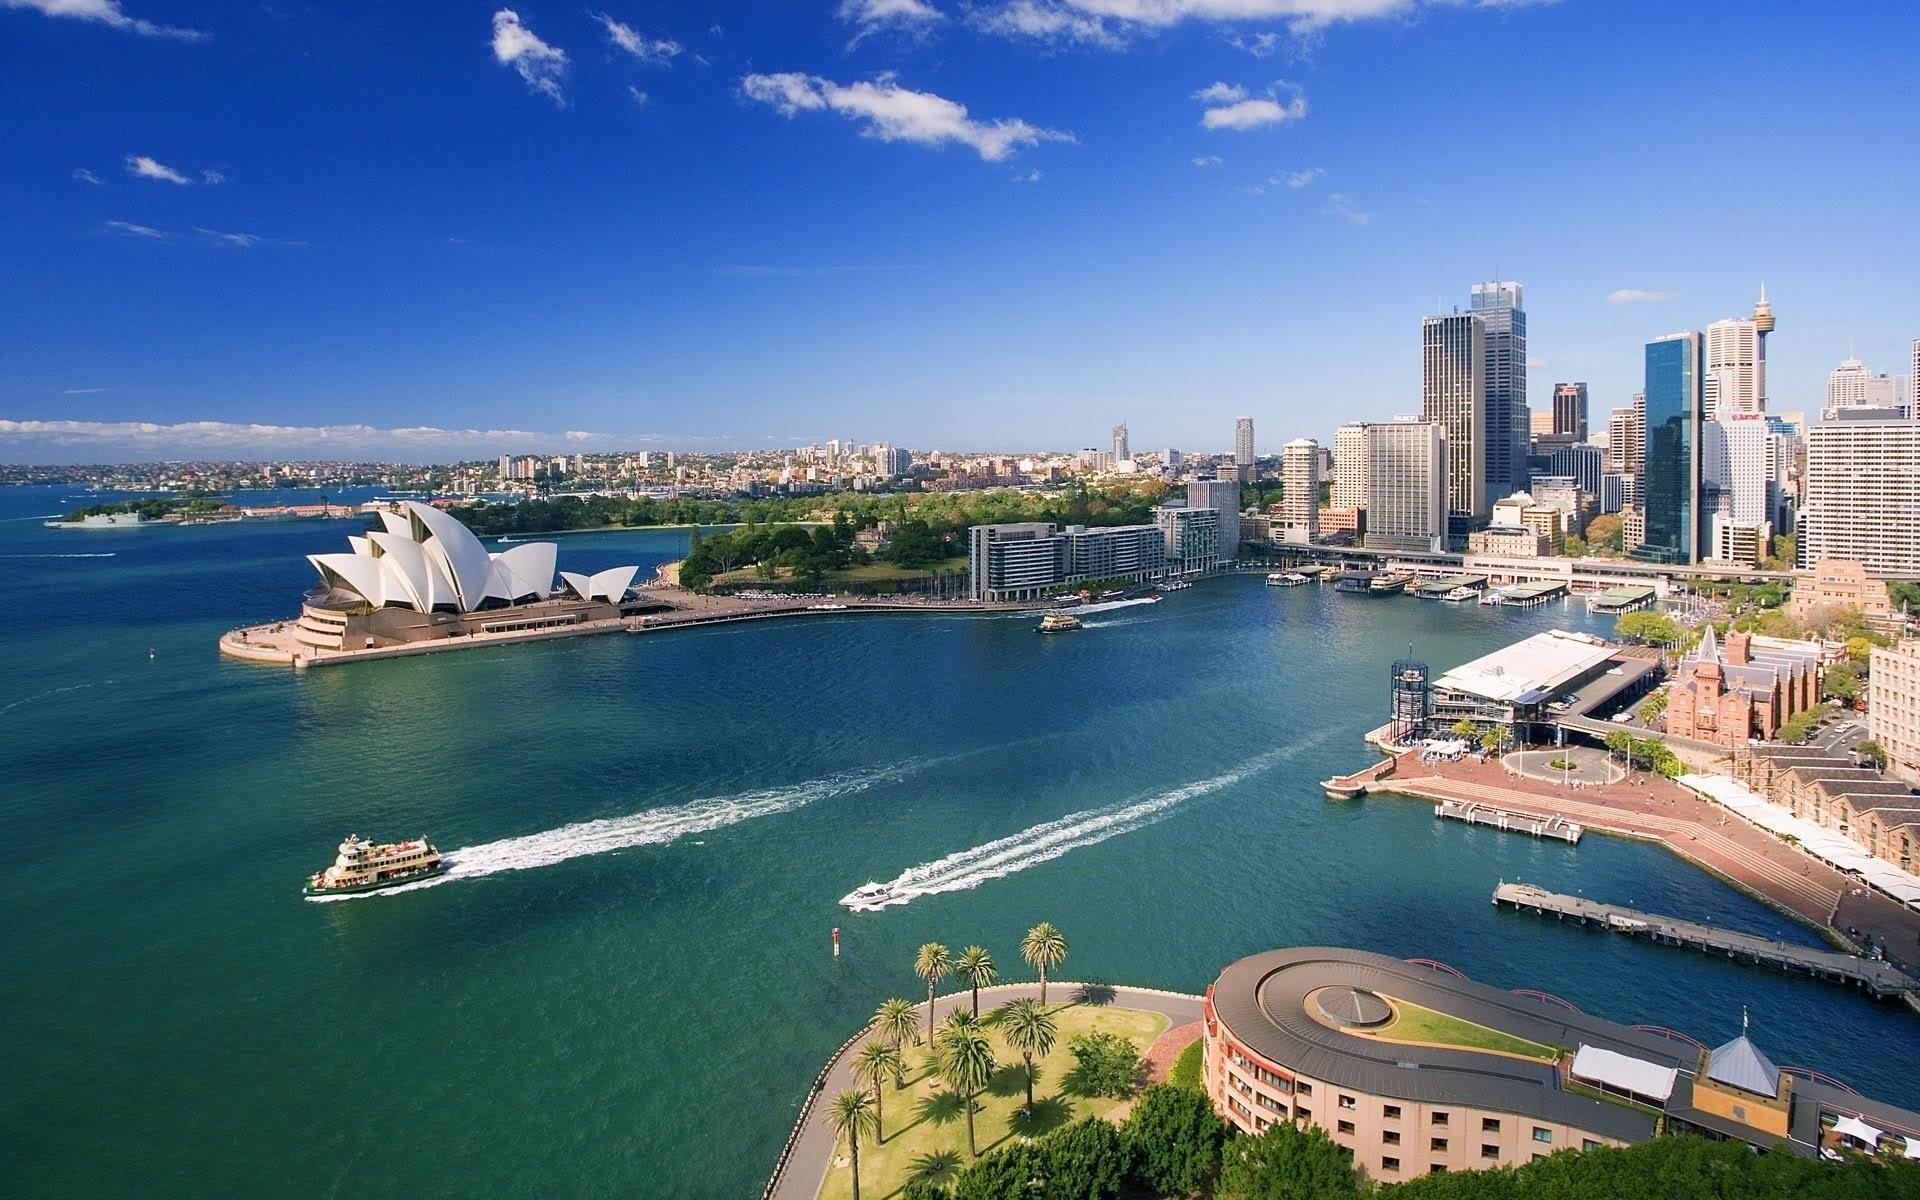 картинки столиц сша франции австралии